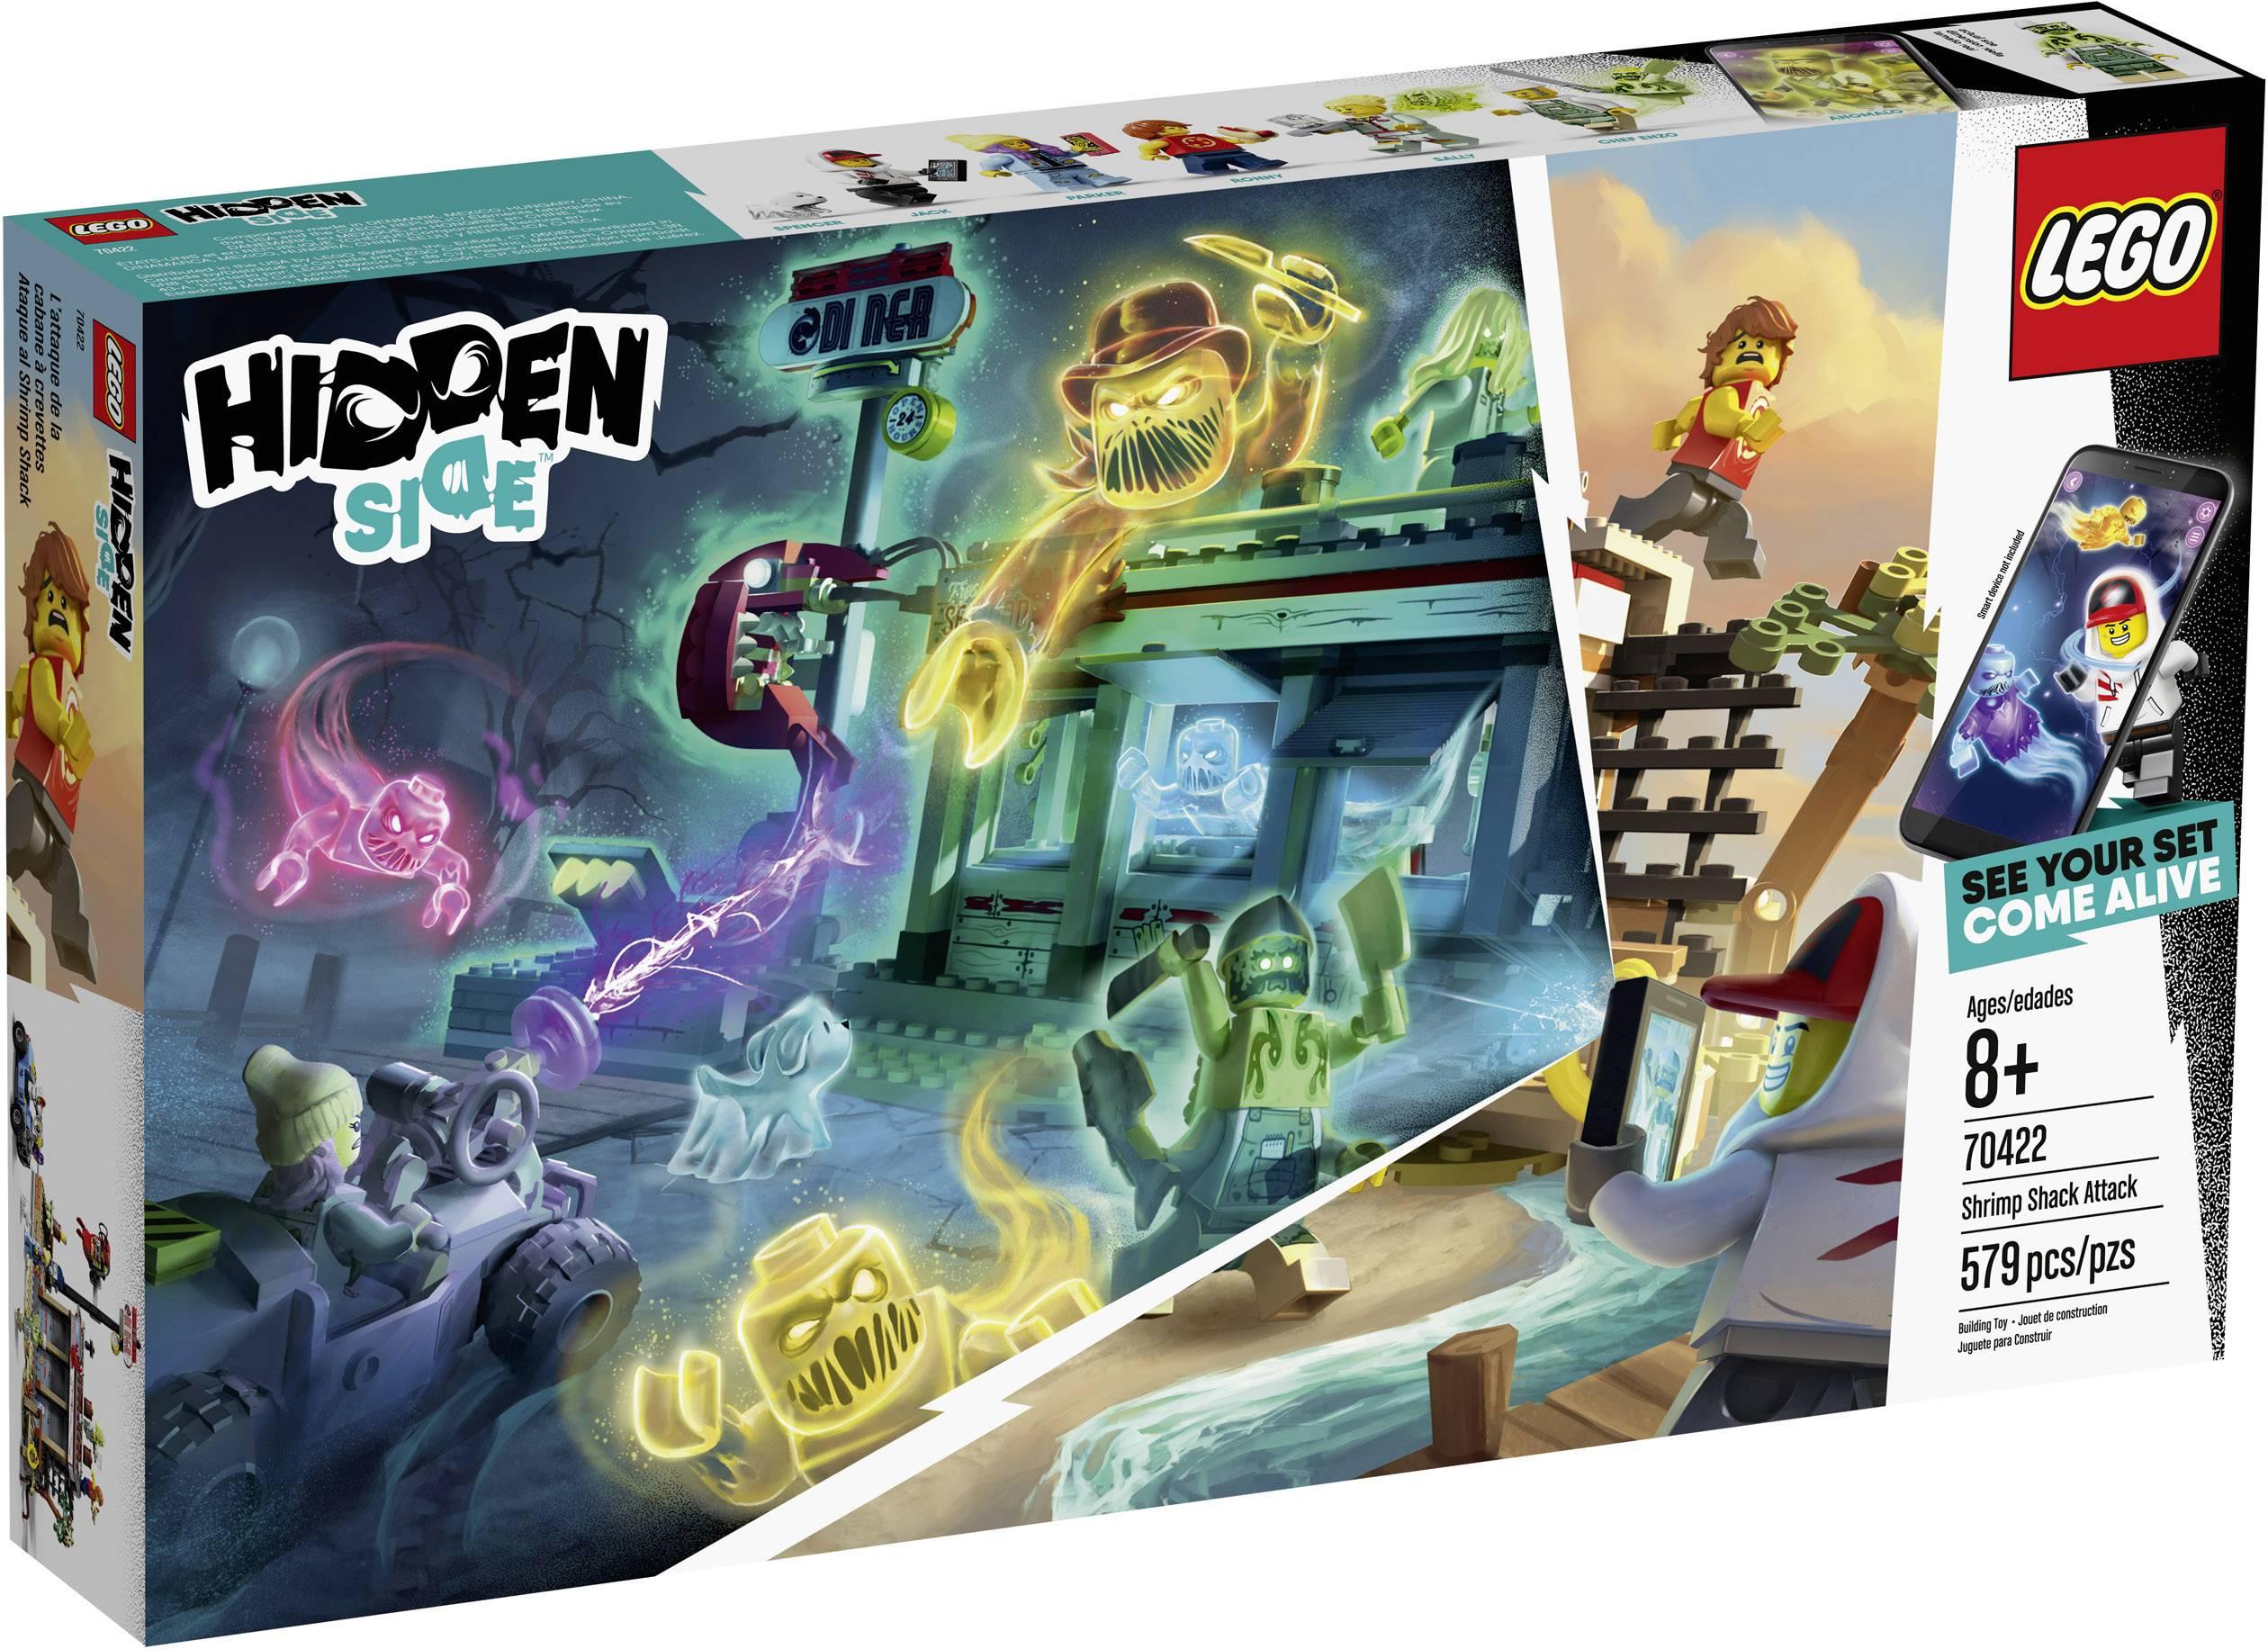 70422 Attacco alla capanna dei gamberetti (LEGO)